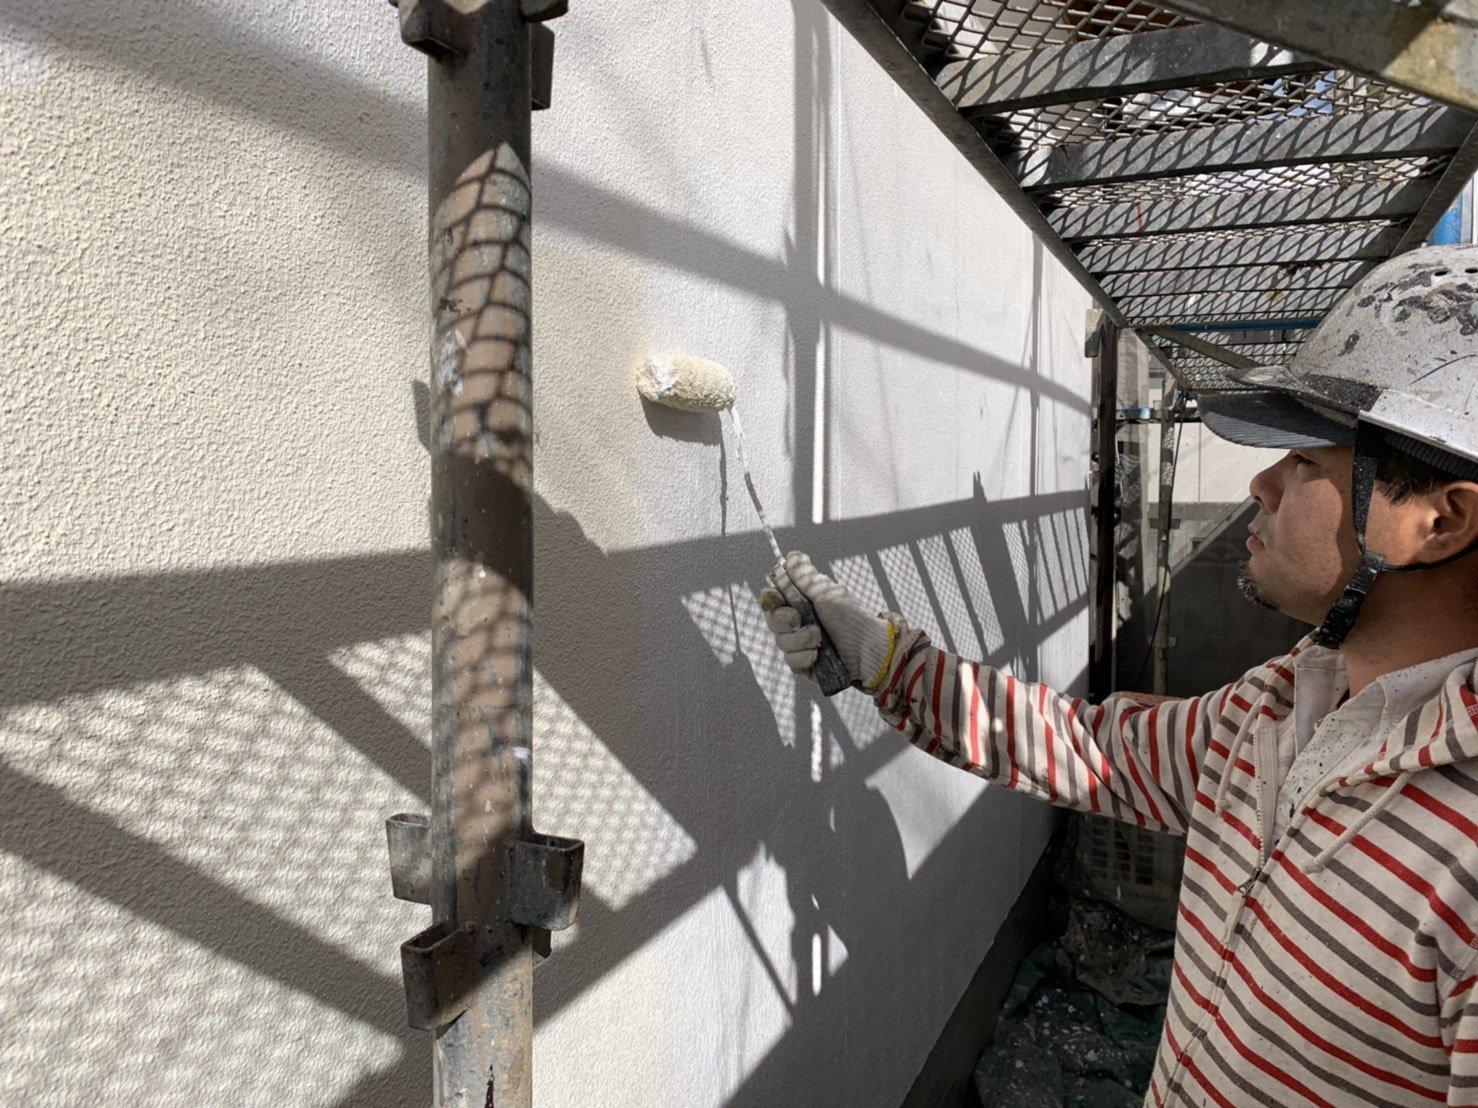 福岡県糟屋郡宇美町H 様邸施工3日目外壁下塗り軒天塗装作業